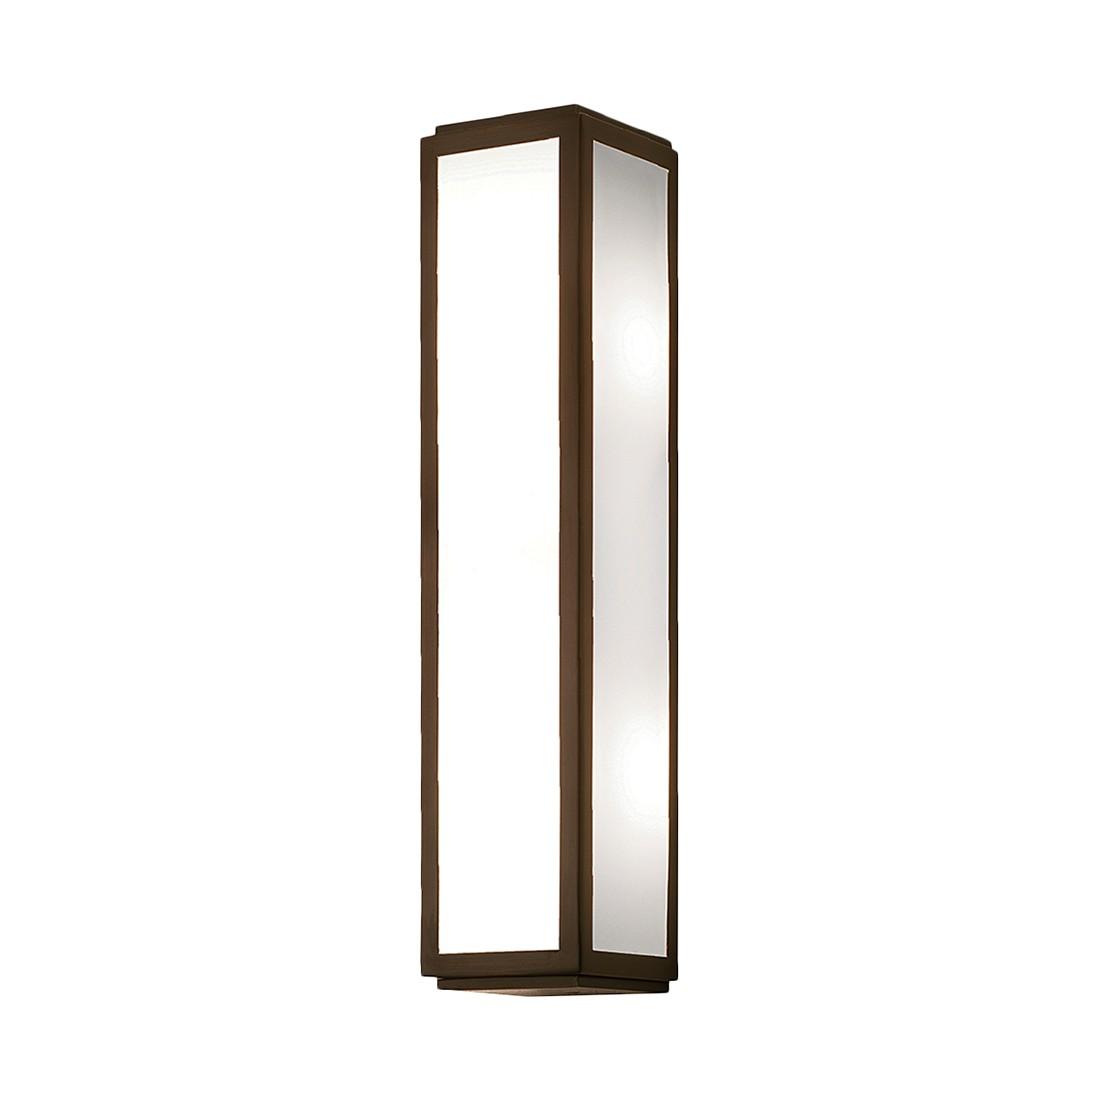 EEK A++, Badleuchte Mashiko 360 Classic – Bronze – 2-flammig, Astro günstig kaufen